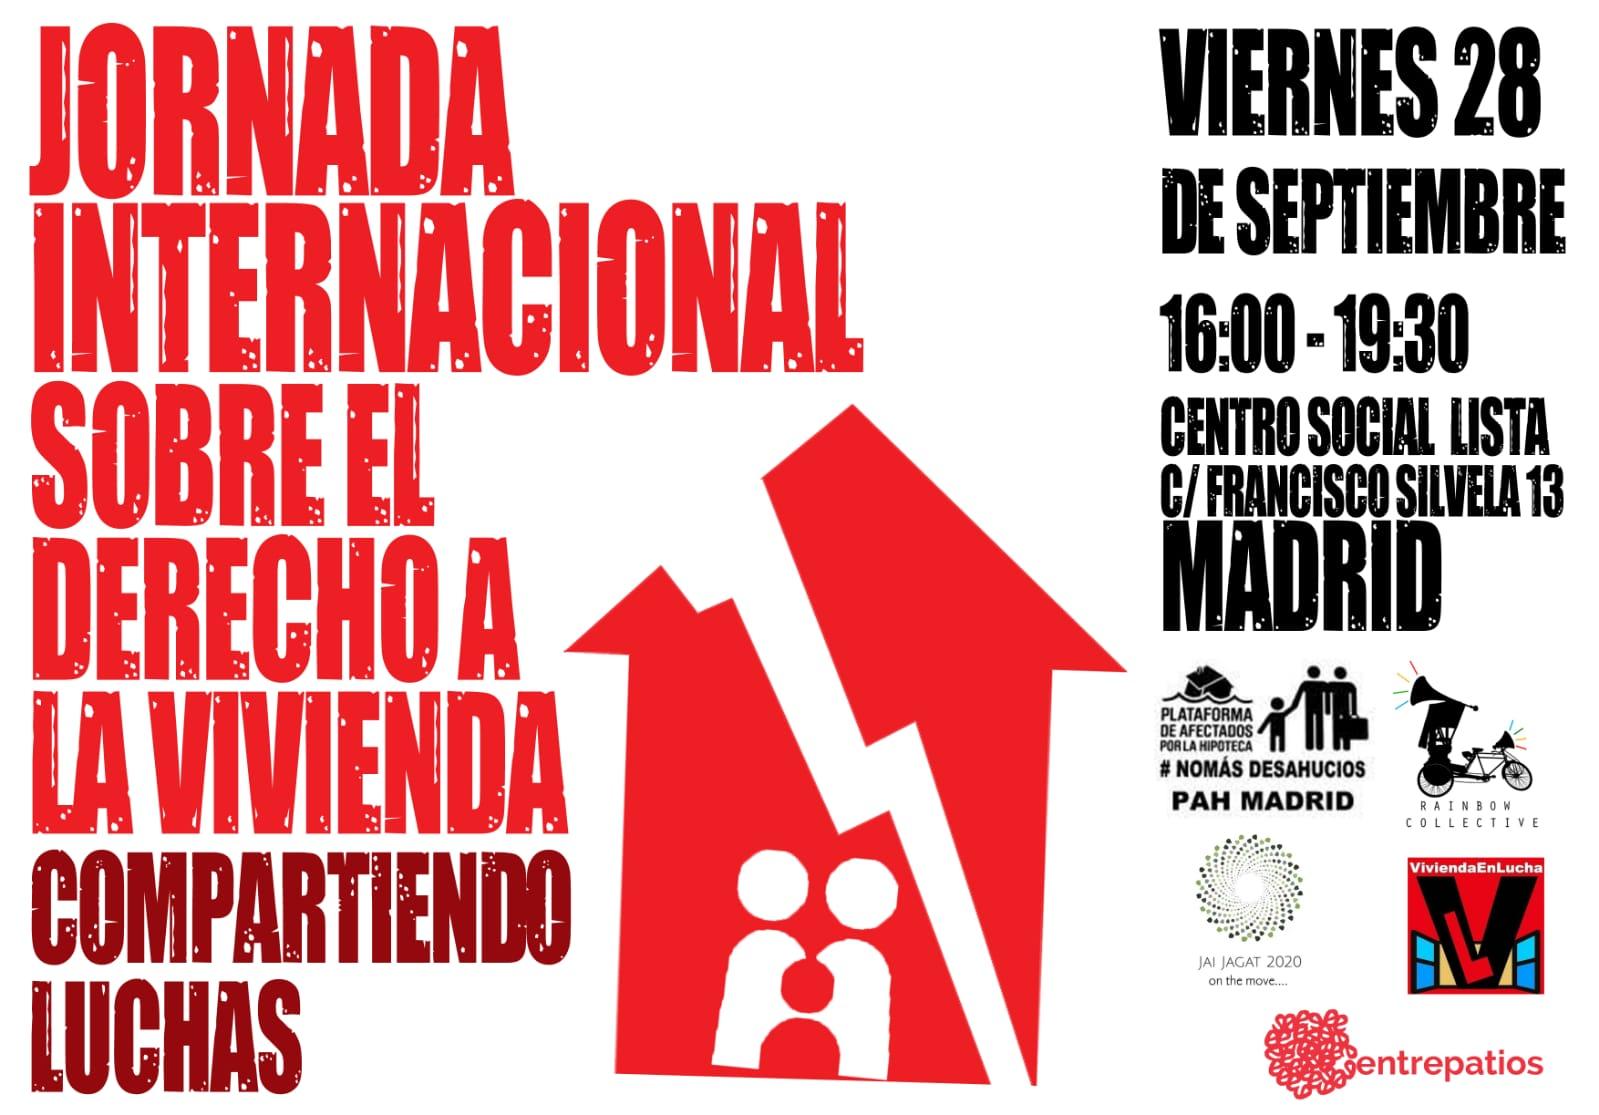 Madrid: Compartiendo luchas